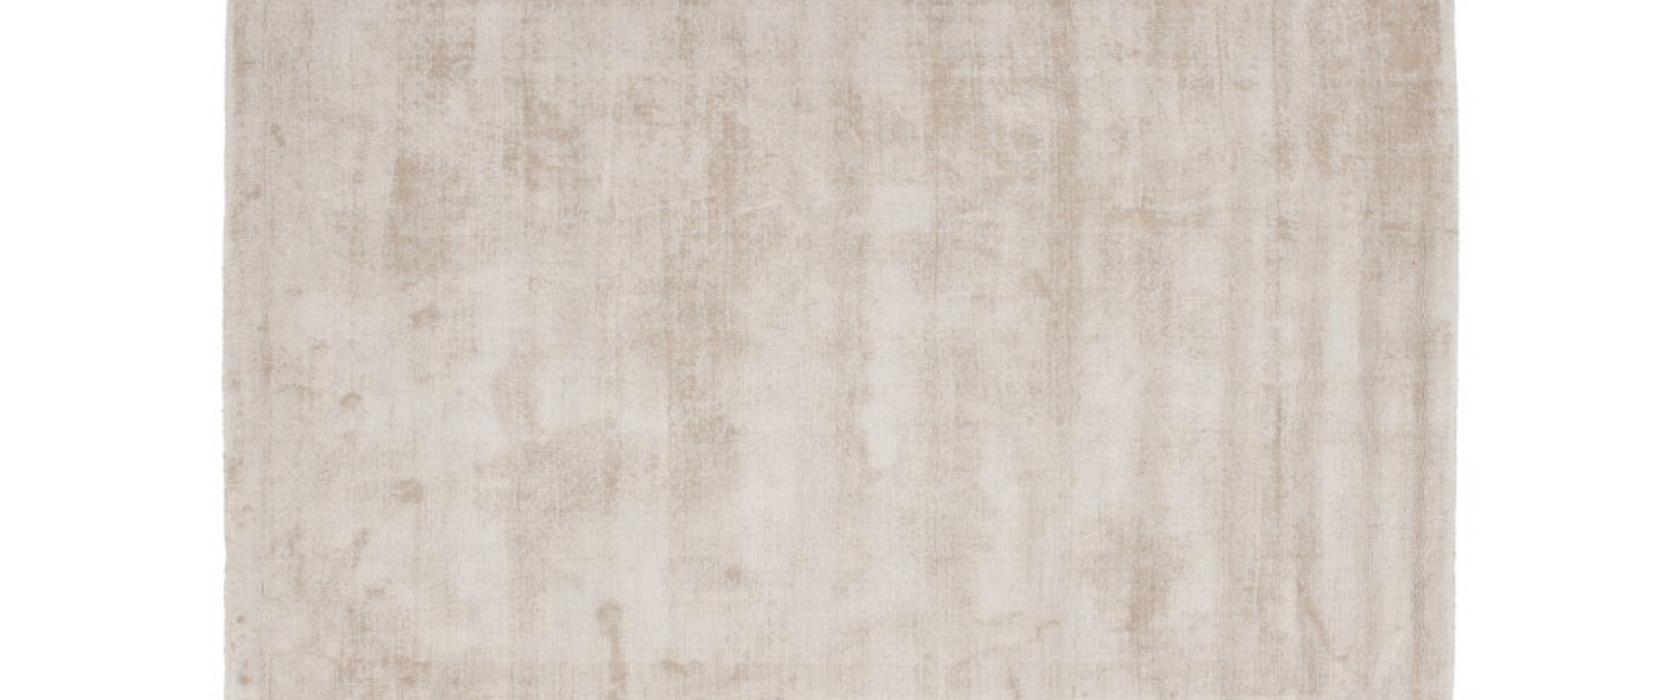 Ковер My Maori 220 Ivory 160х230 см - Pufetto